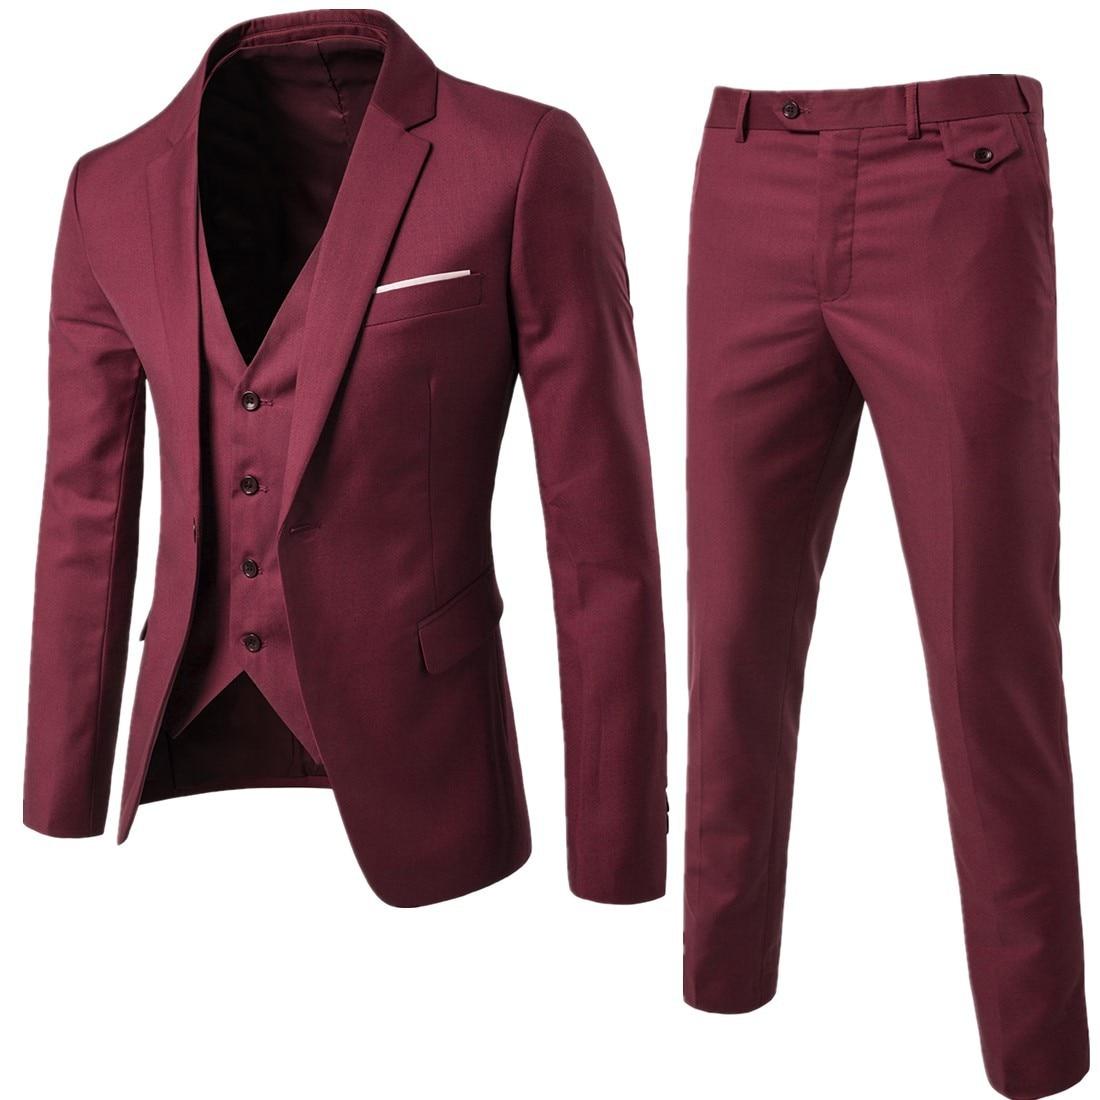 Business Casual Suit Men 2018New Arrival Male Suits Good Quality Wedding Suits For Men 3 Pieces (Jacket+Pant+Vest) Costume Homme